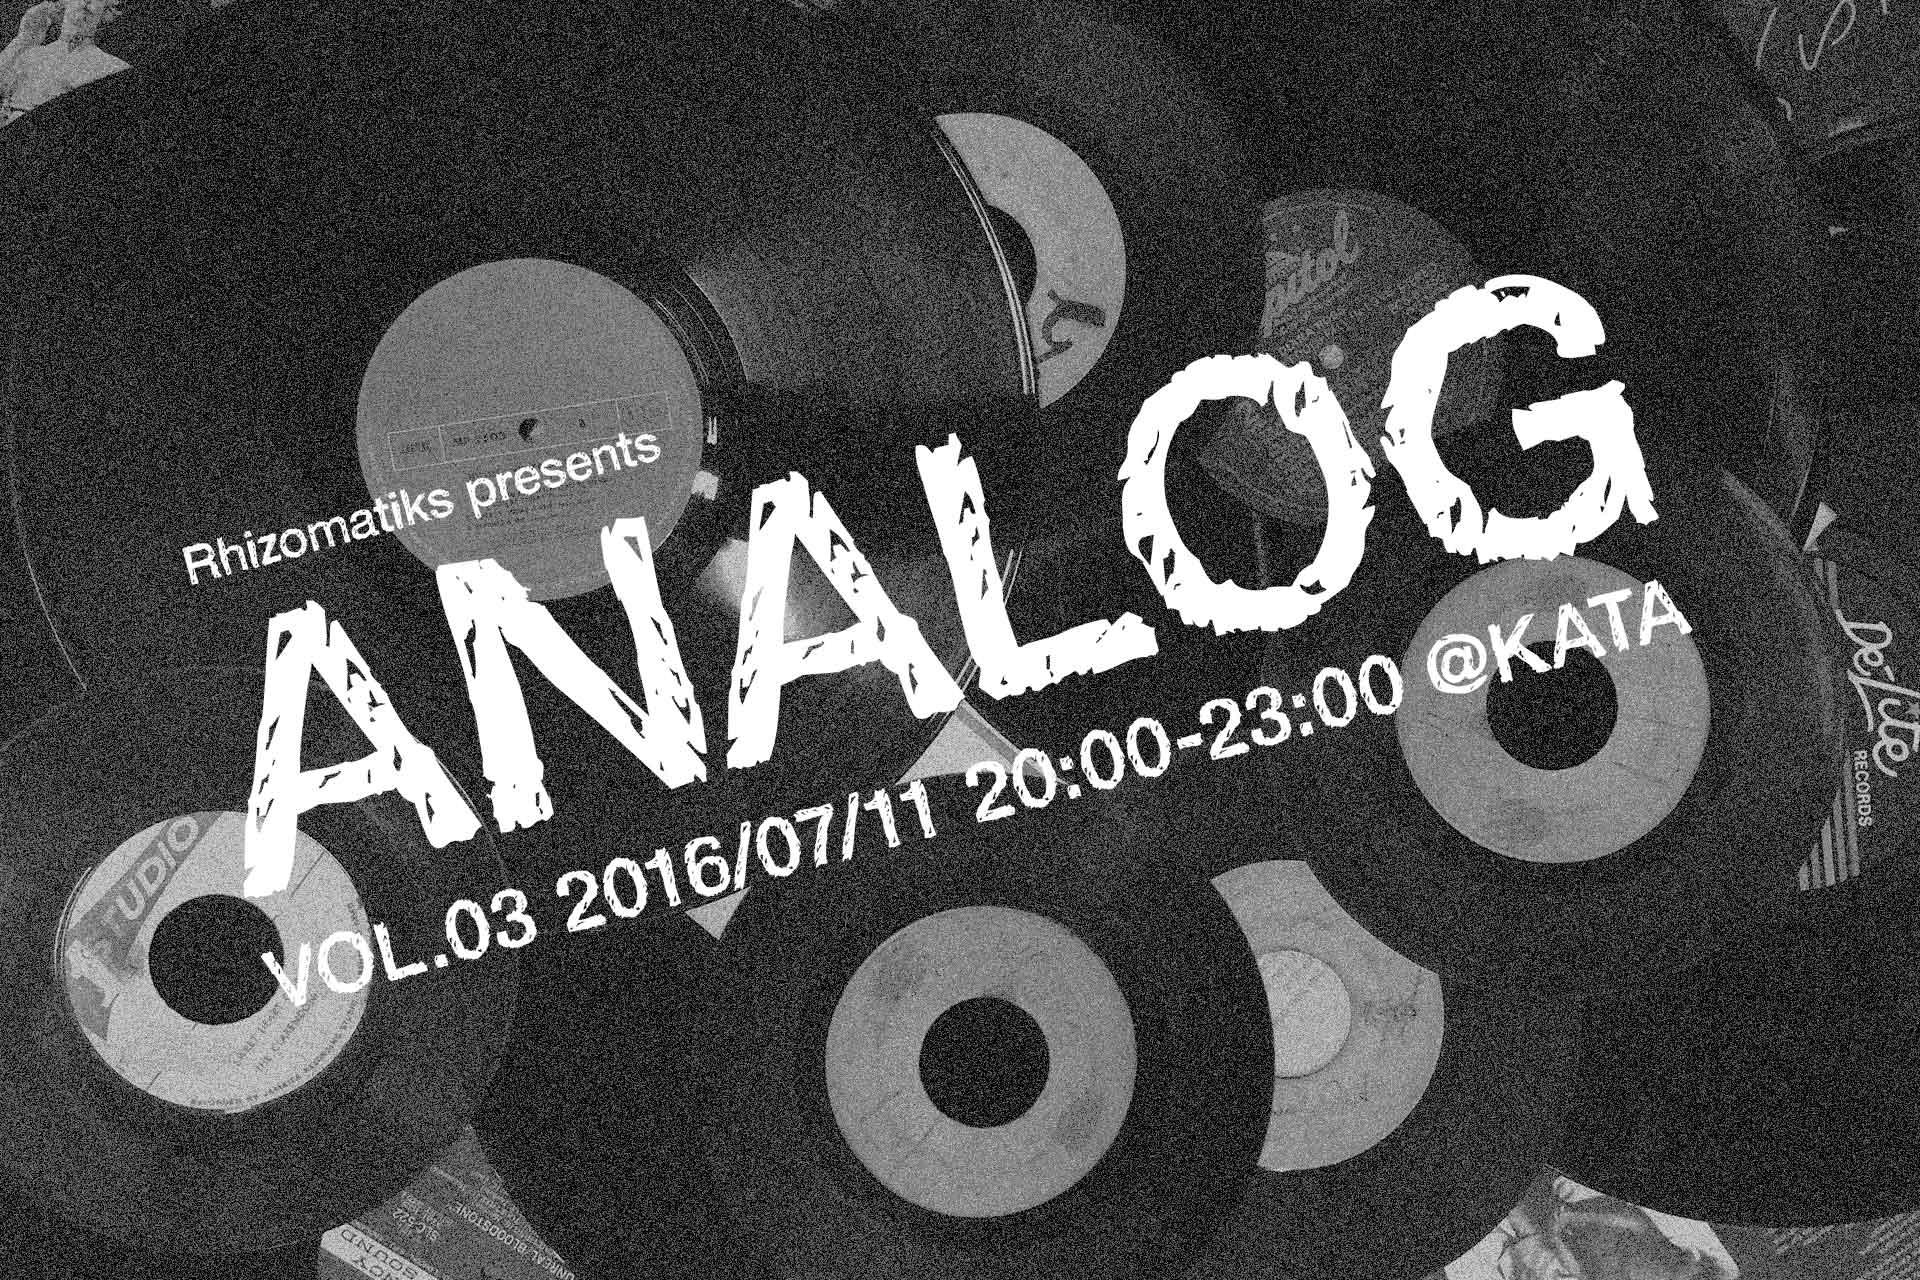 Rhizomatiks Presents 「ANALOG」 vol.03